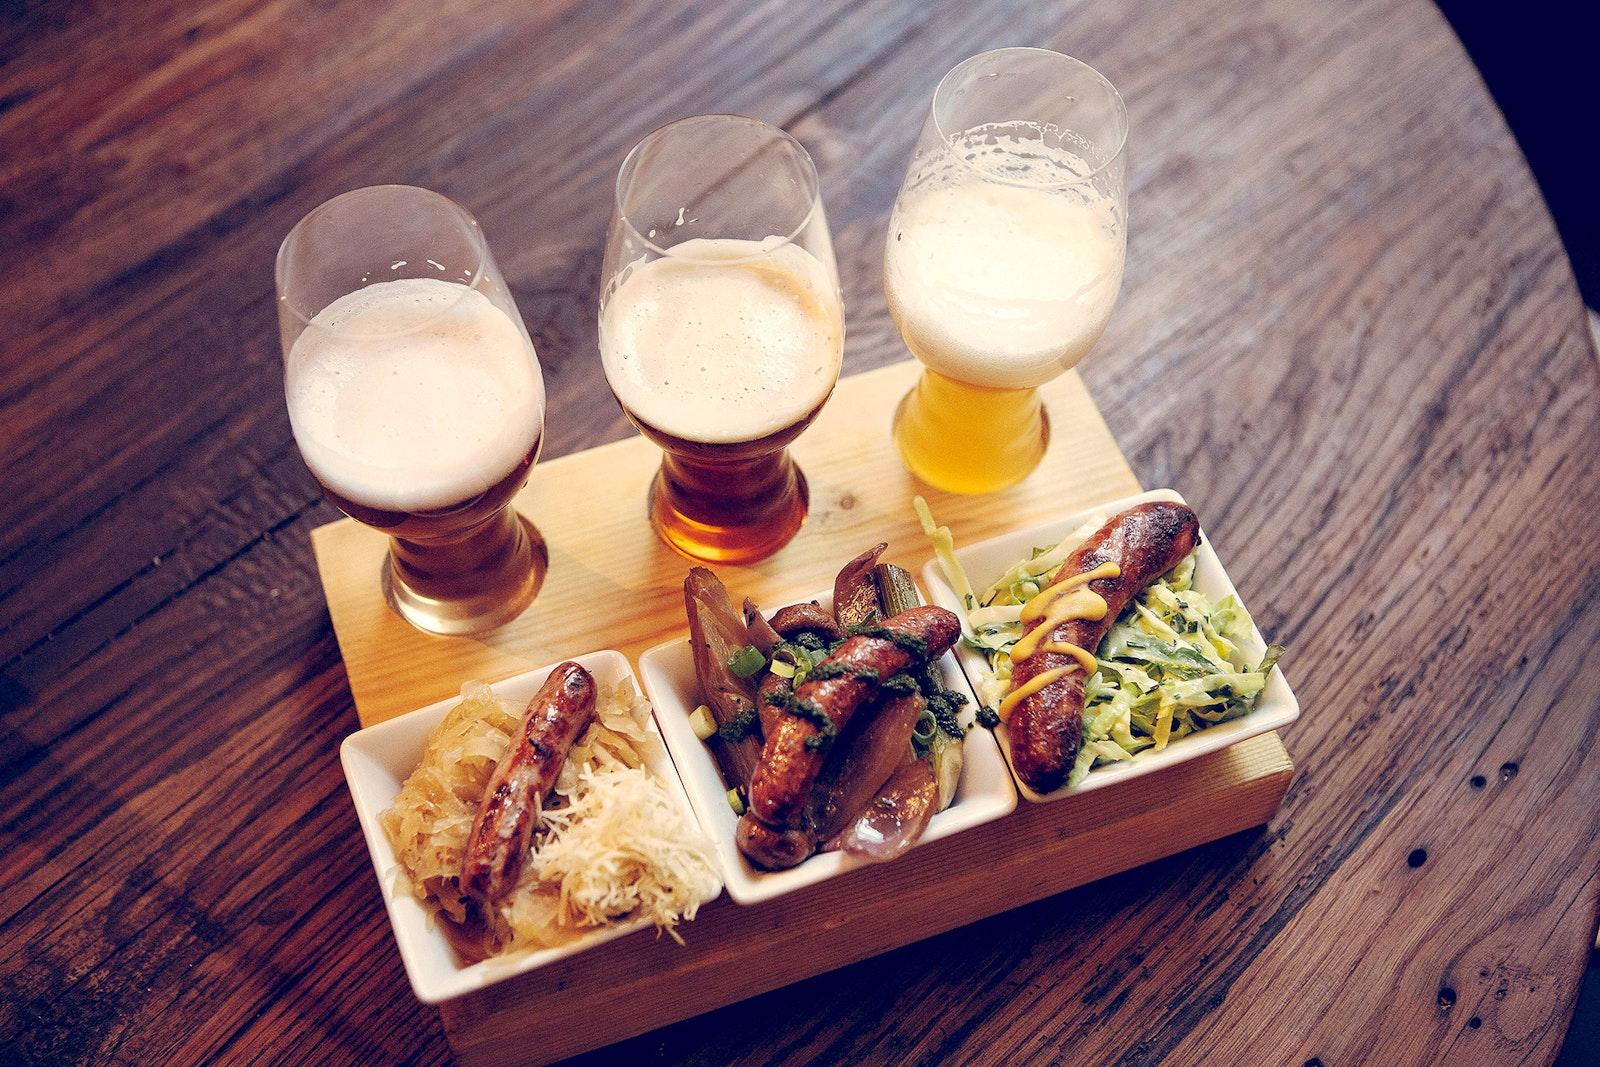 Meisterliches Craft Beer - Restauranterlebnis